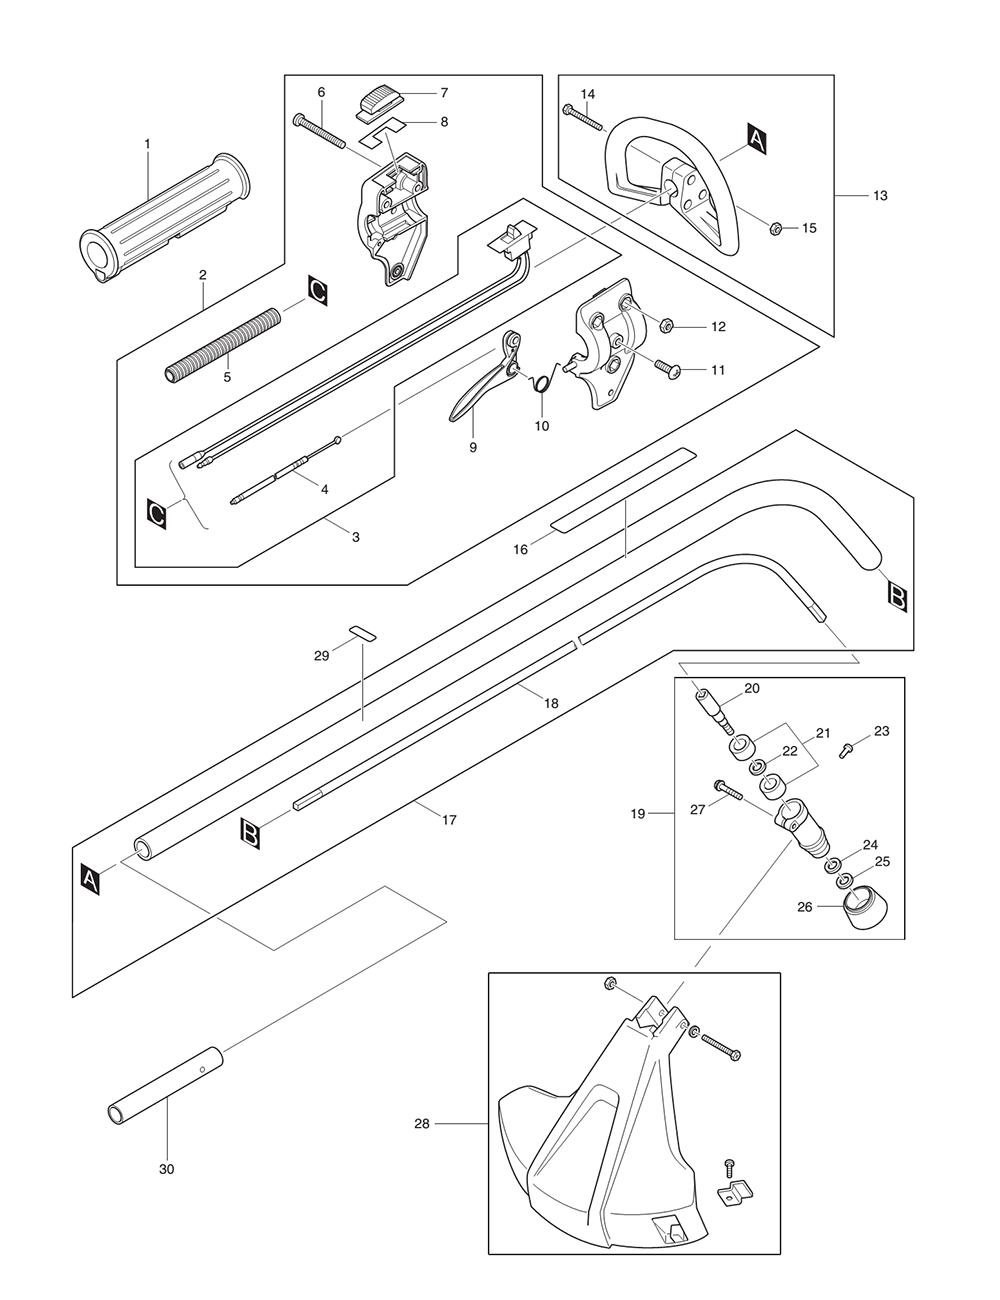 Dolmar lt 210 parts schematic